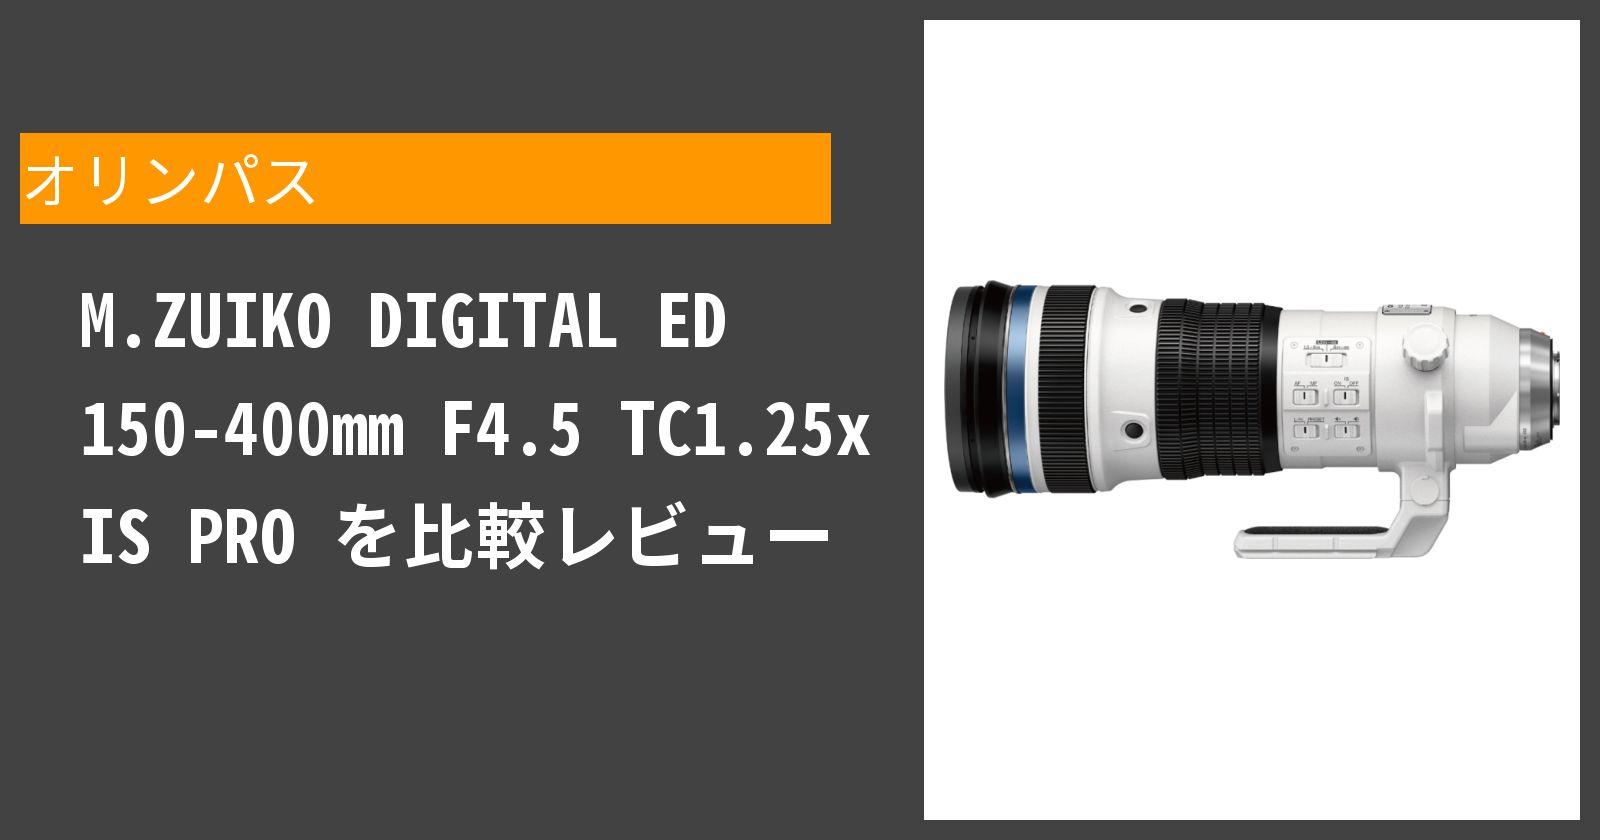 M.ZUIKO DIGITAL ED 150-400mm F4.5 TC1.25x IS PROを徹底評価